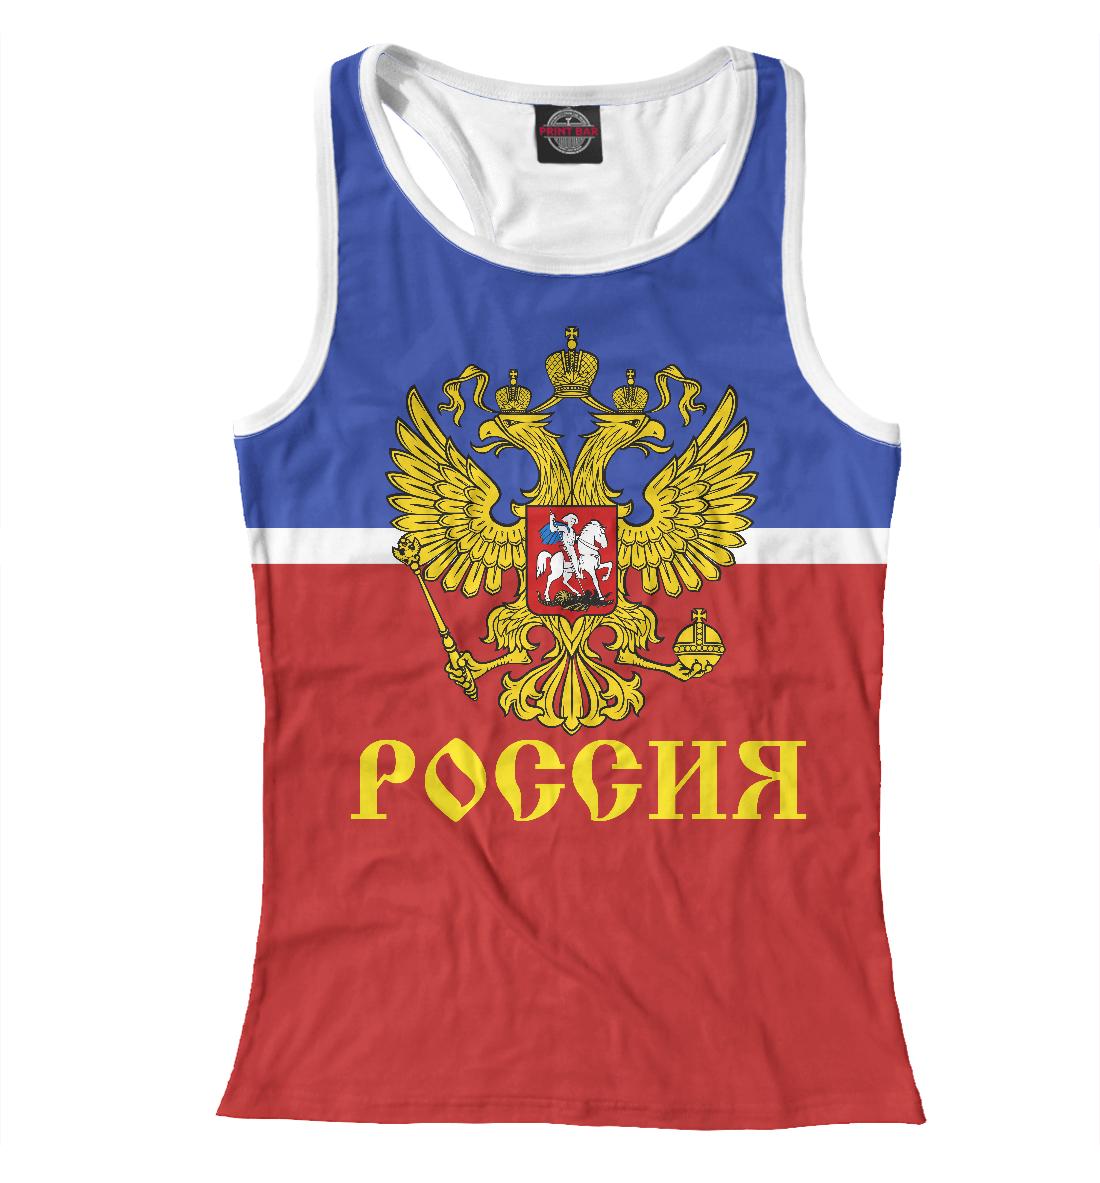 Купить Хоккей Униформа, Printbar, Майки борцовки, HOK-604743-mayb-1